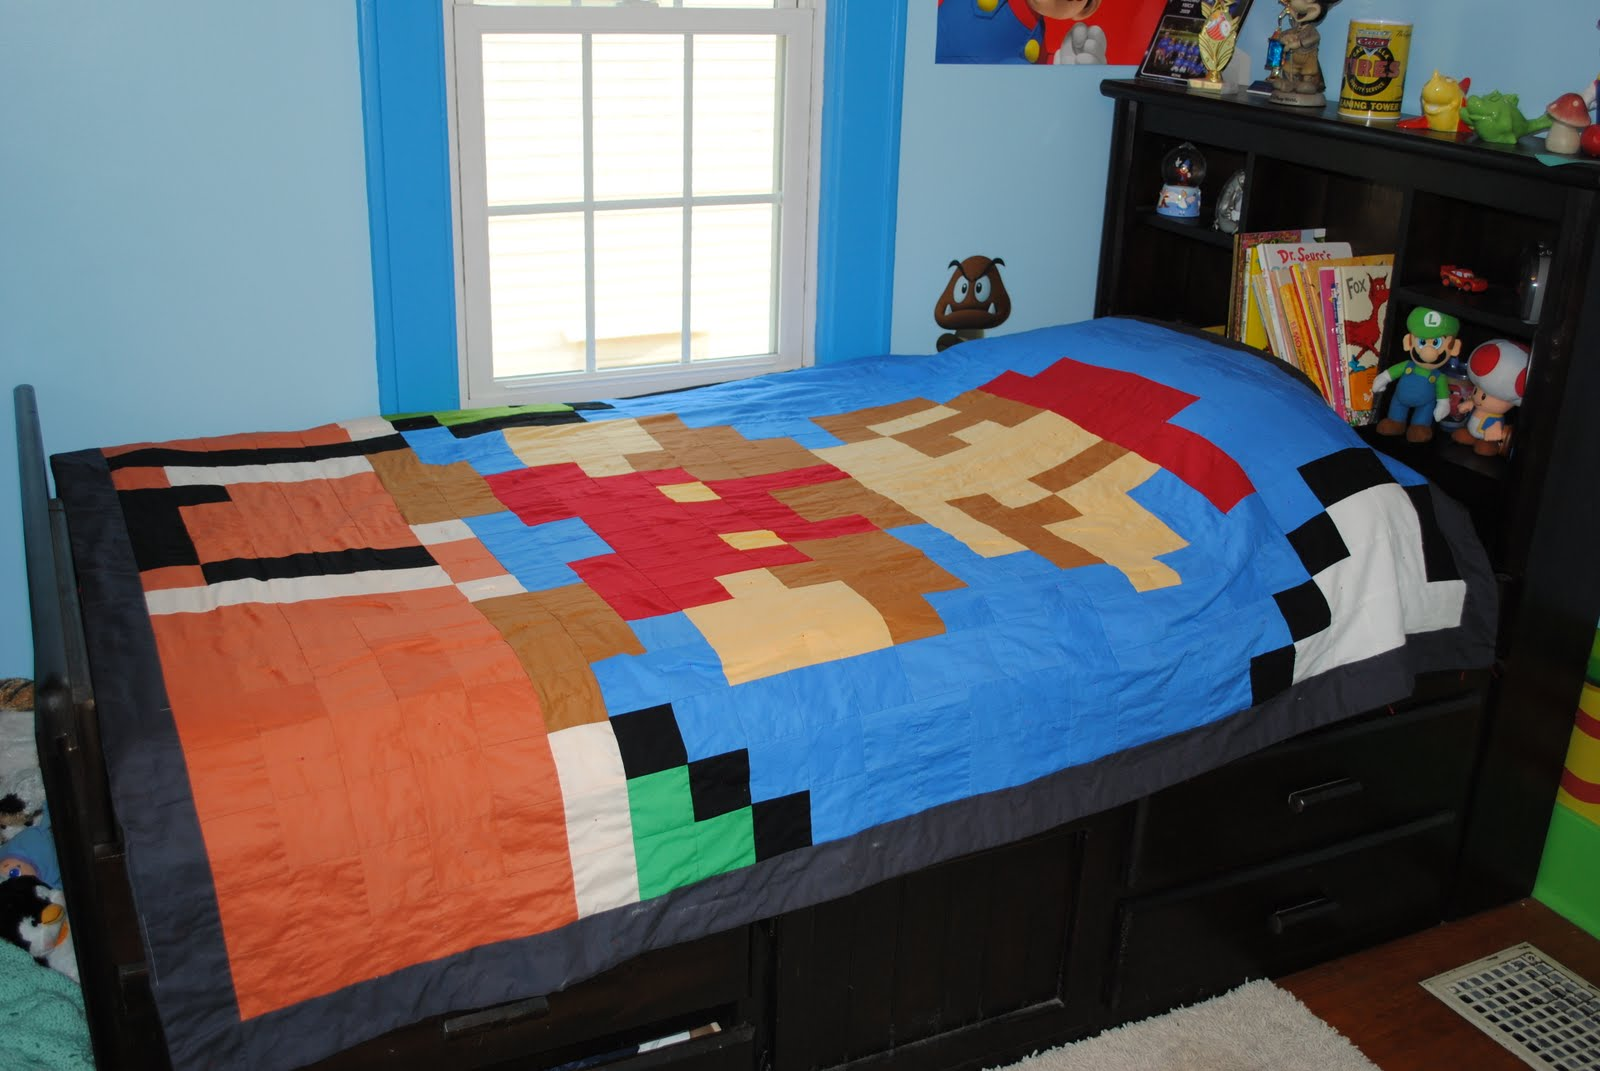 Mario Bedroom Latent Chestnut Super Mario Quilt